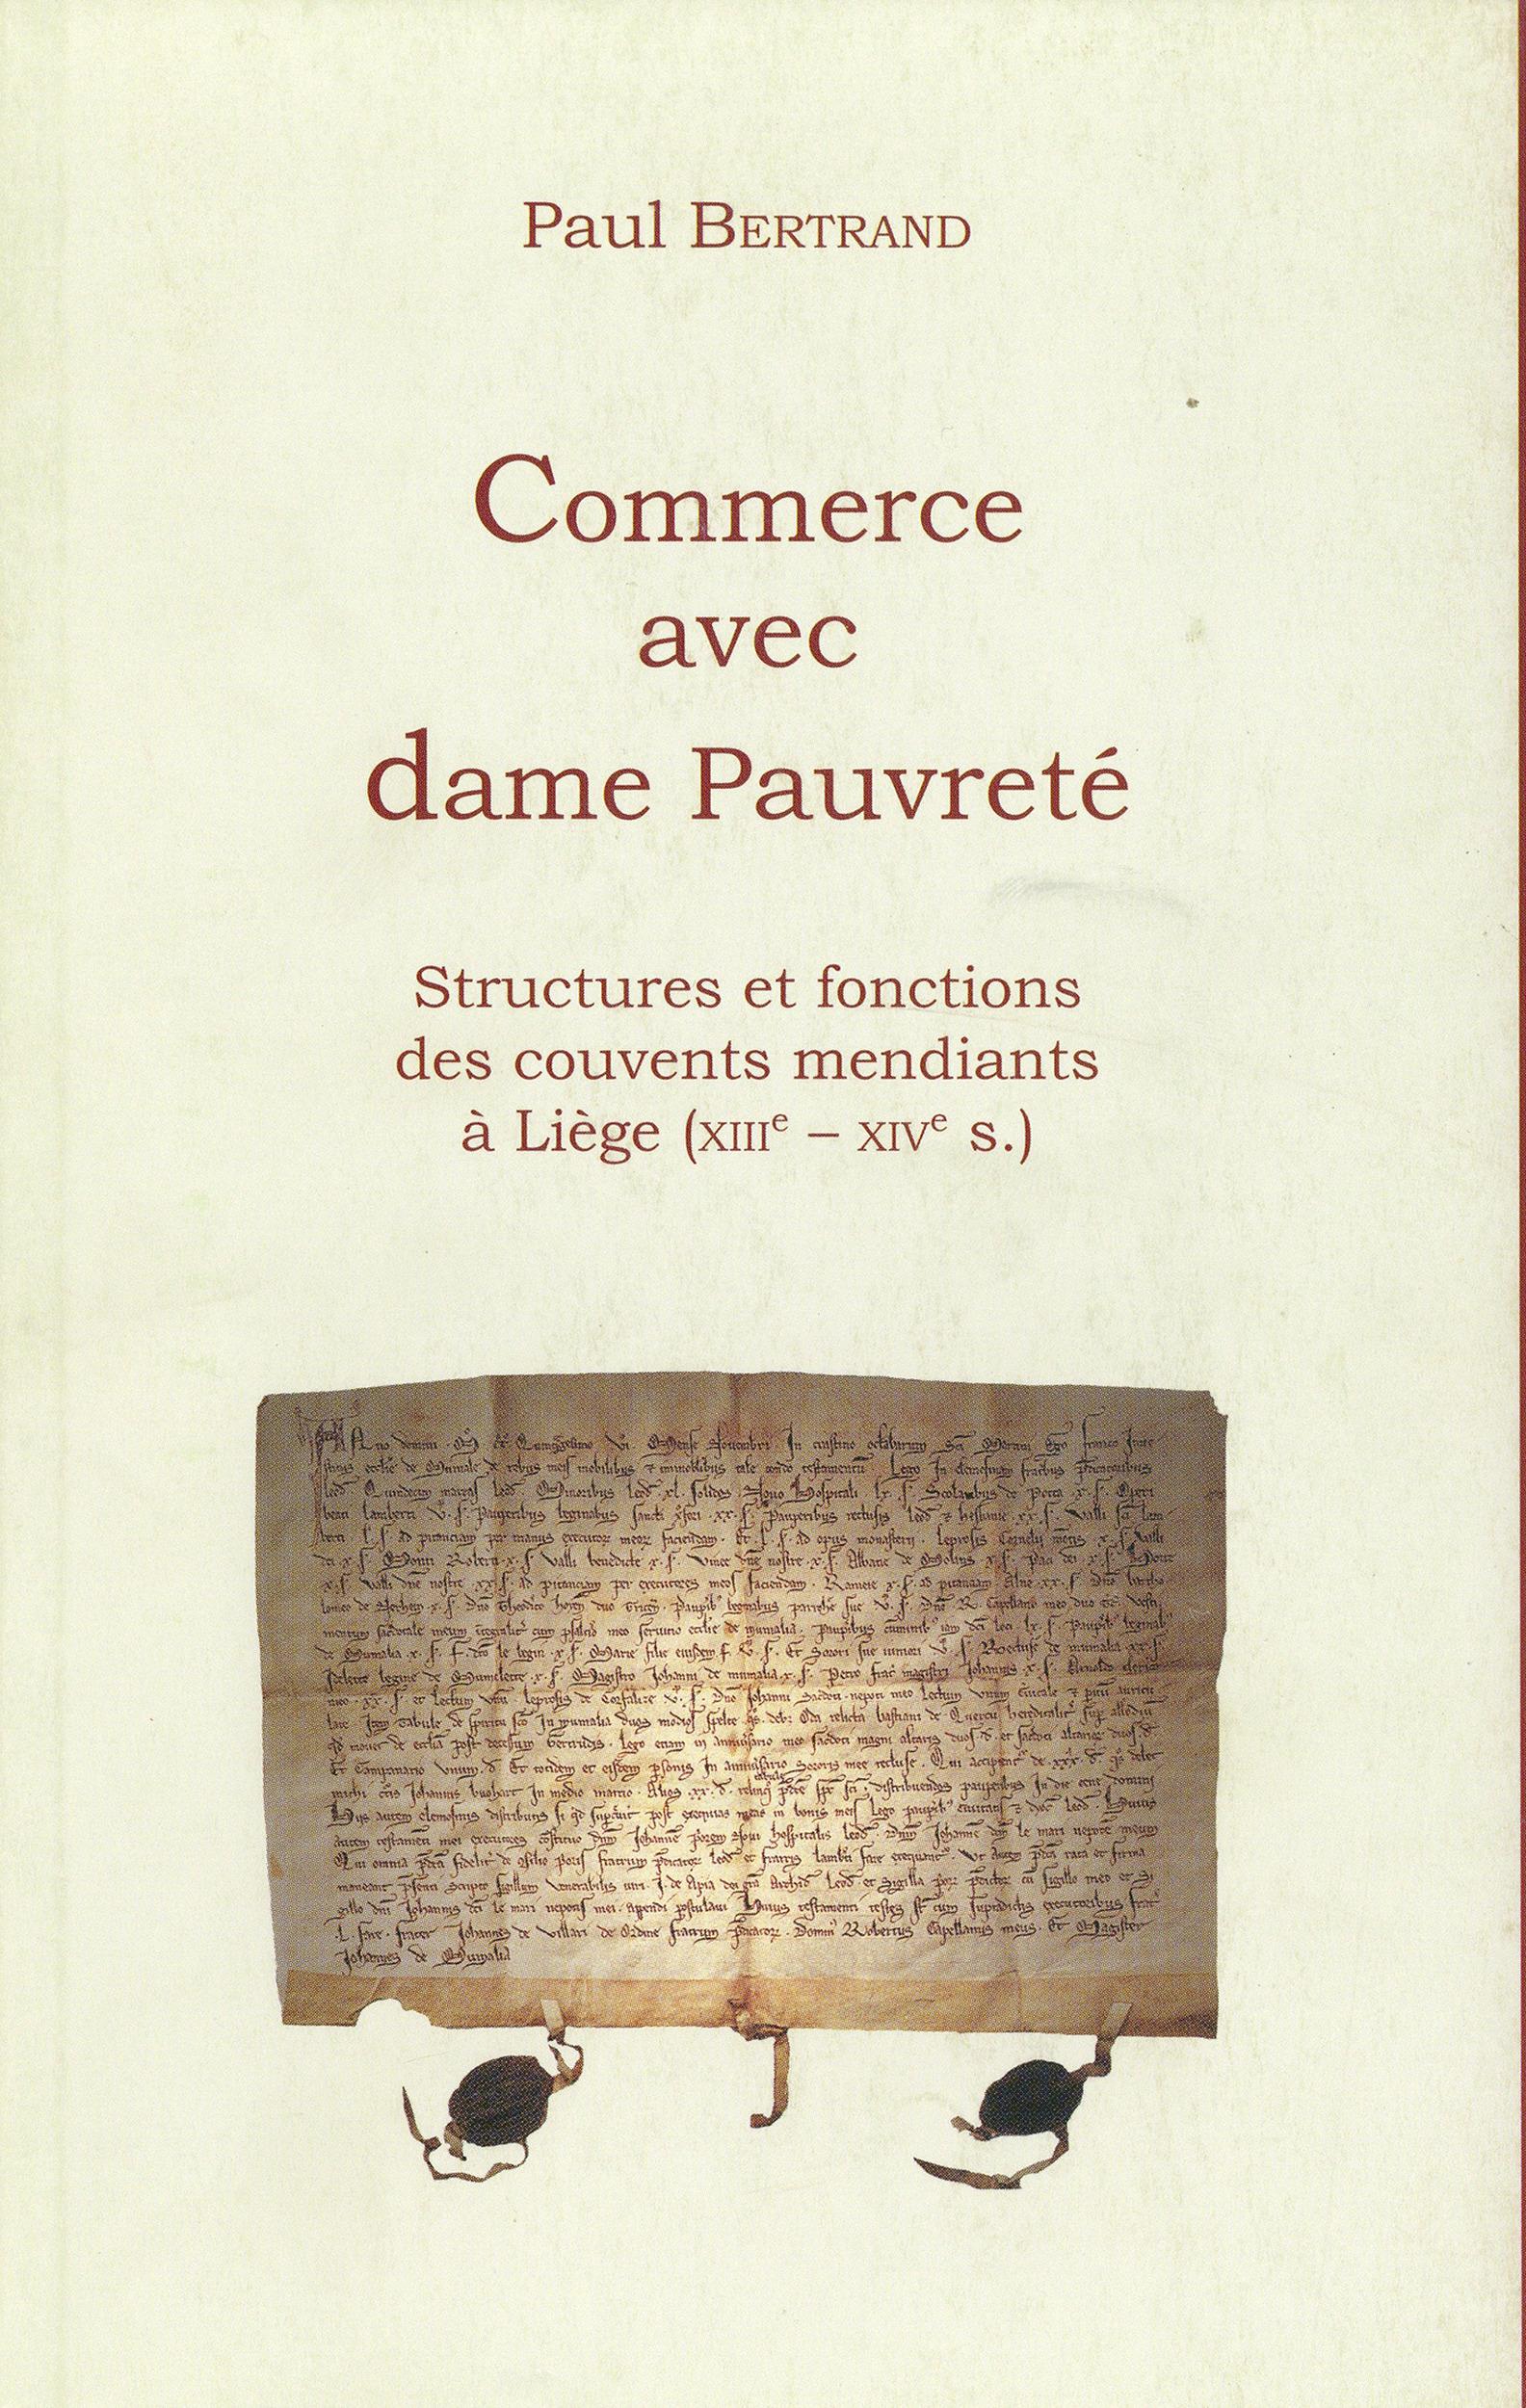 Commerce avec dame Pauvreté  - Paul Bertrand